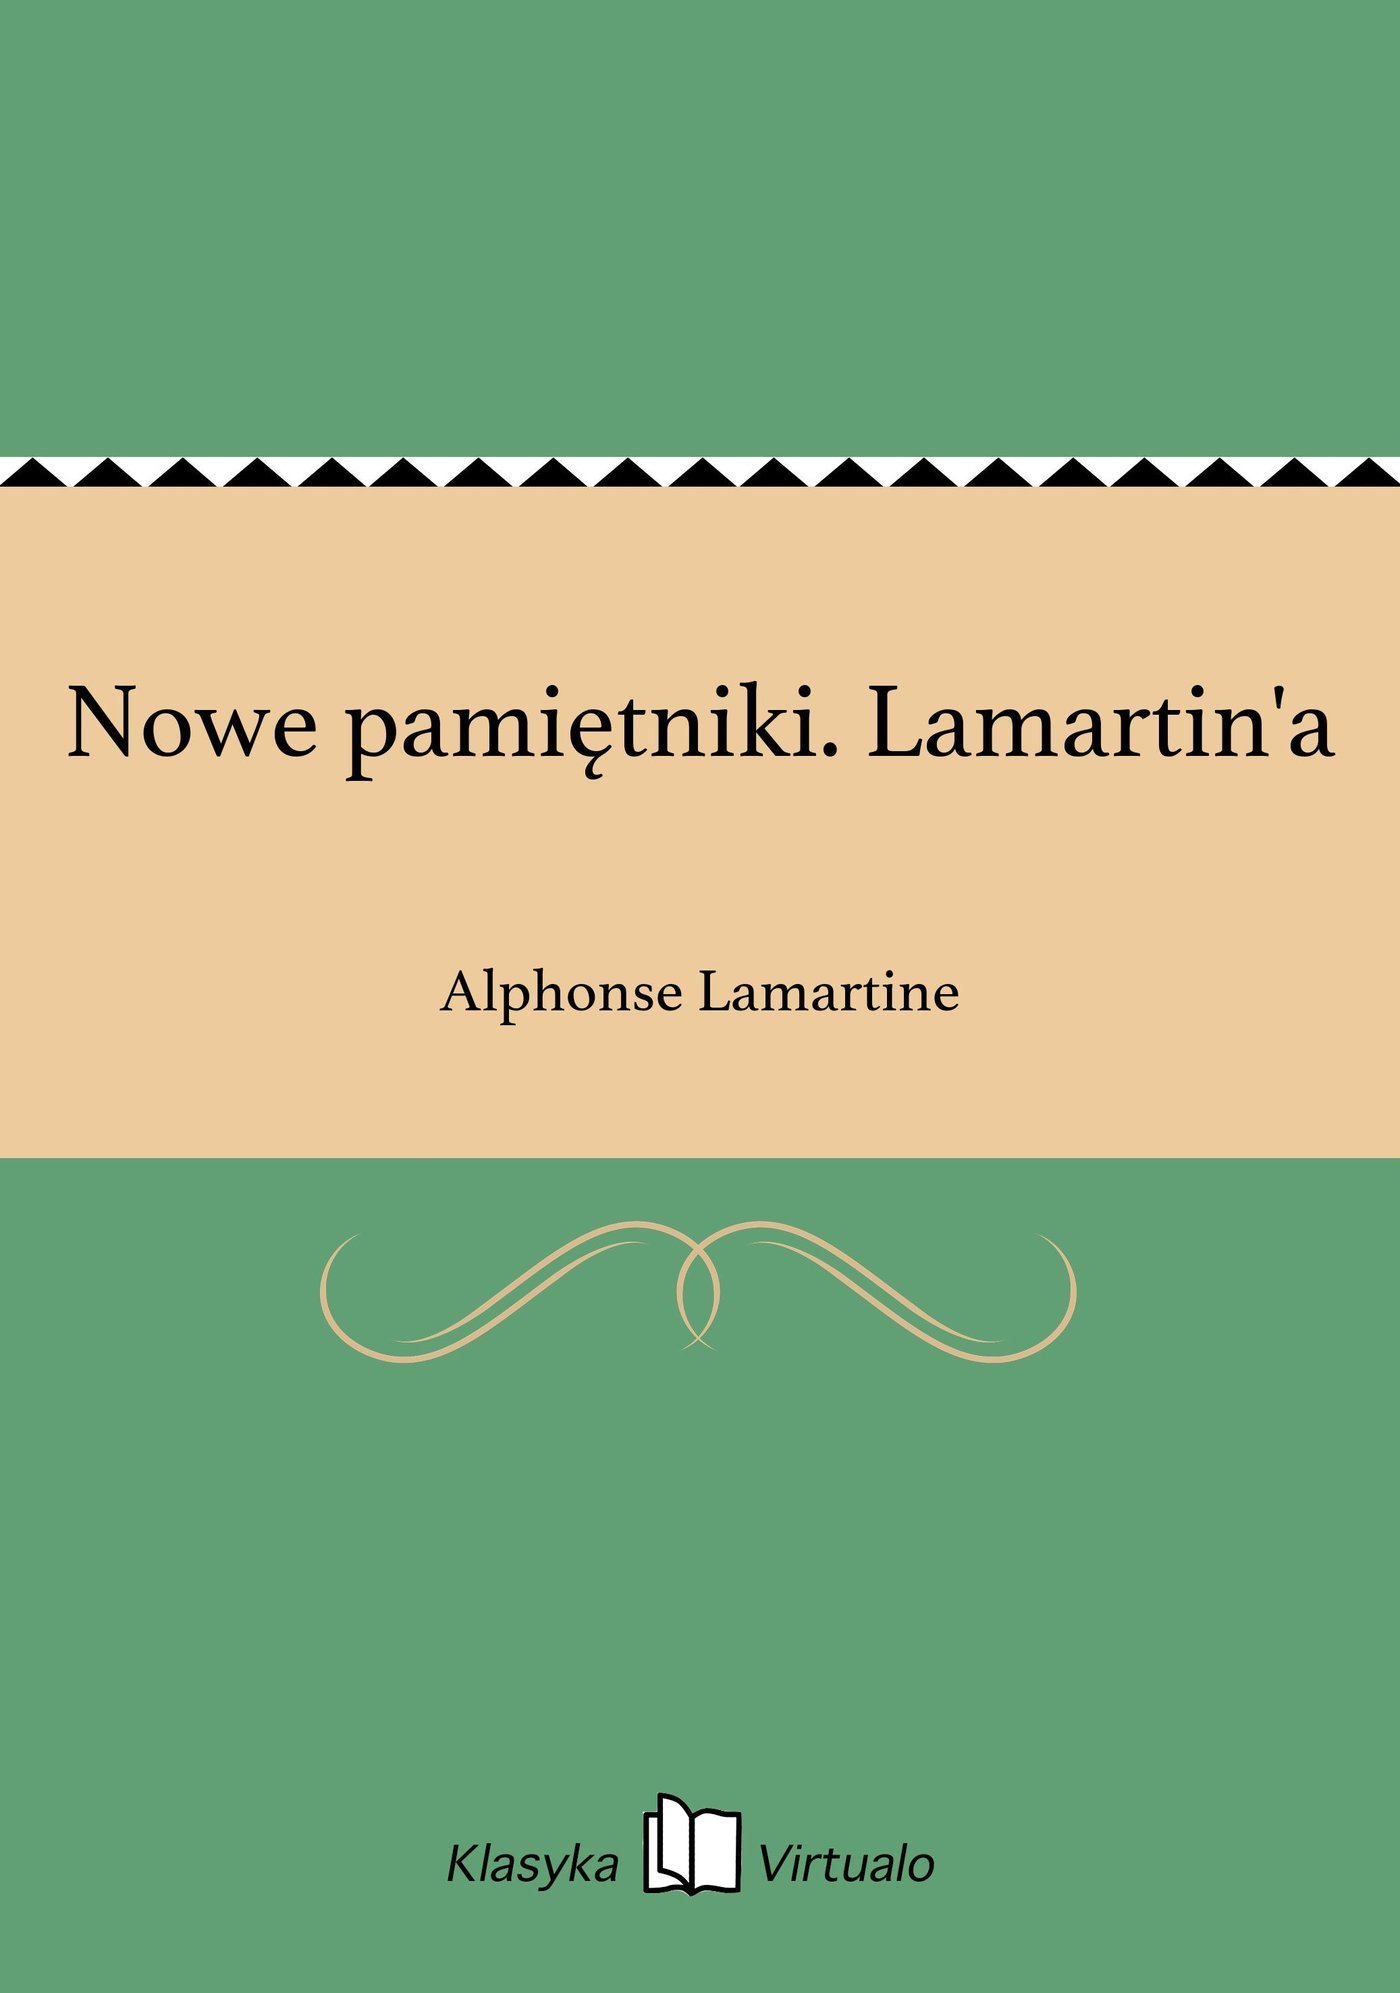 Nowe pamiętniki. Lamartin'a - Ebook (Książka EPUB) do pobrania w formacie EPUB